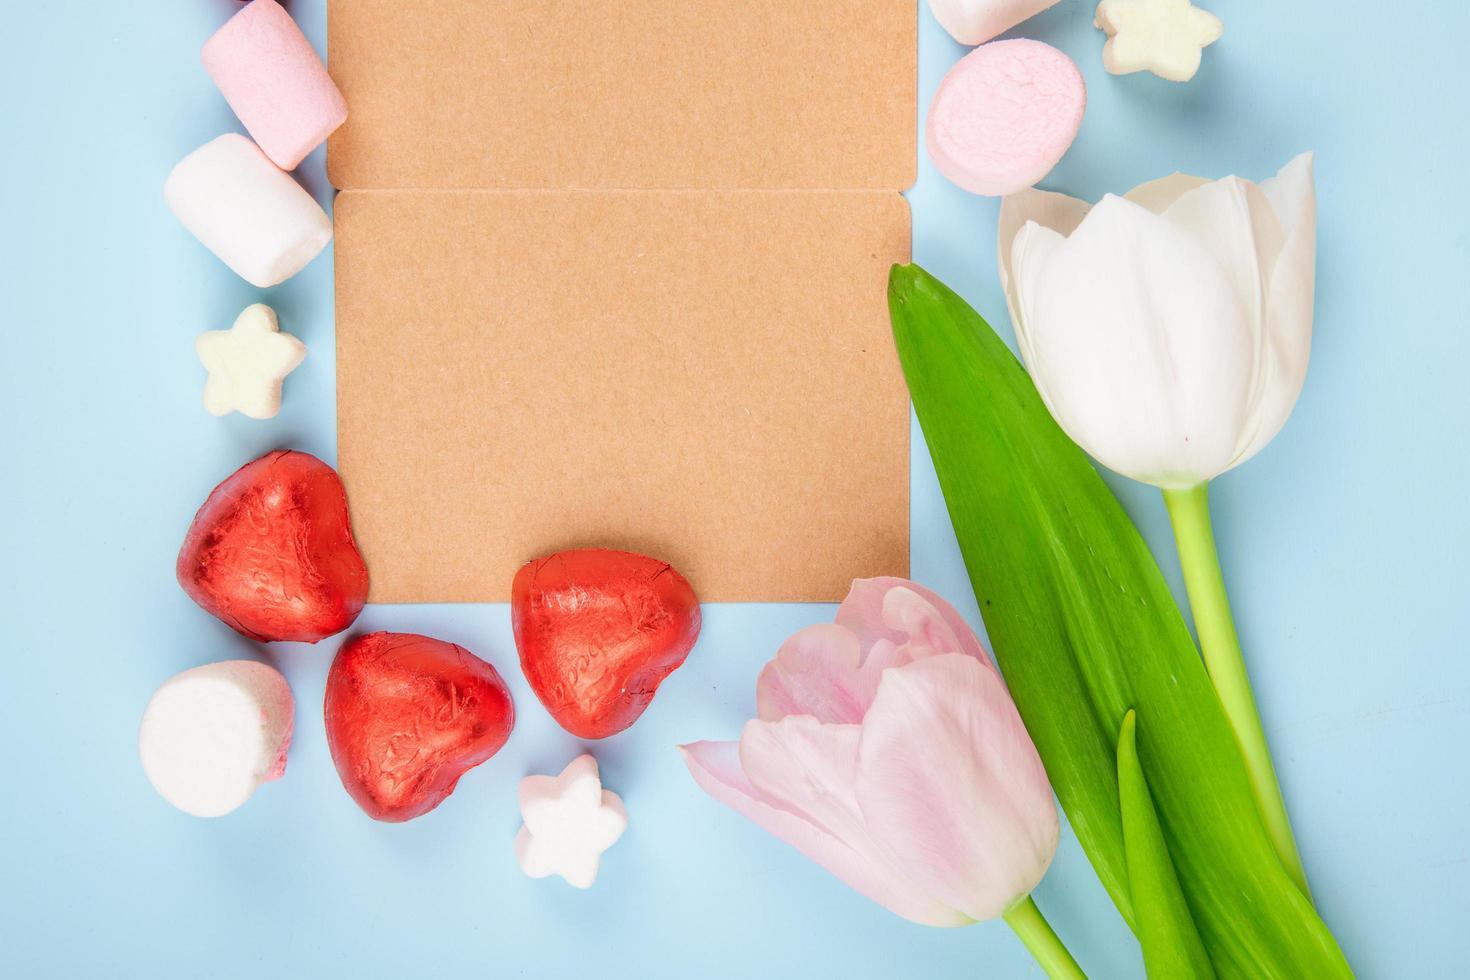 Kraftpapier umgeben von Valentinstag Dekor foto